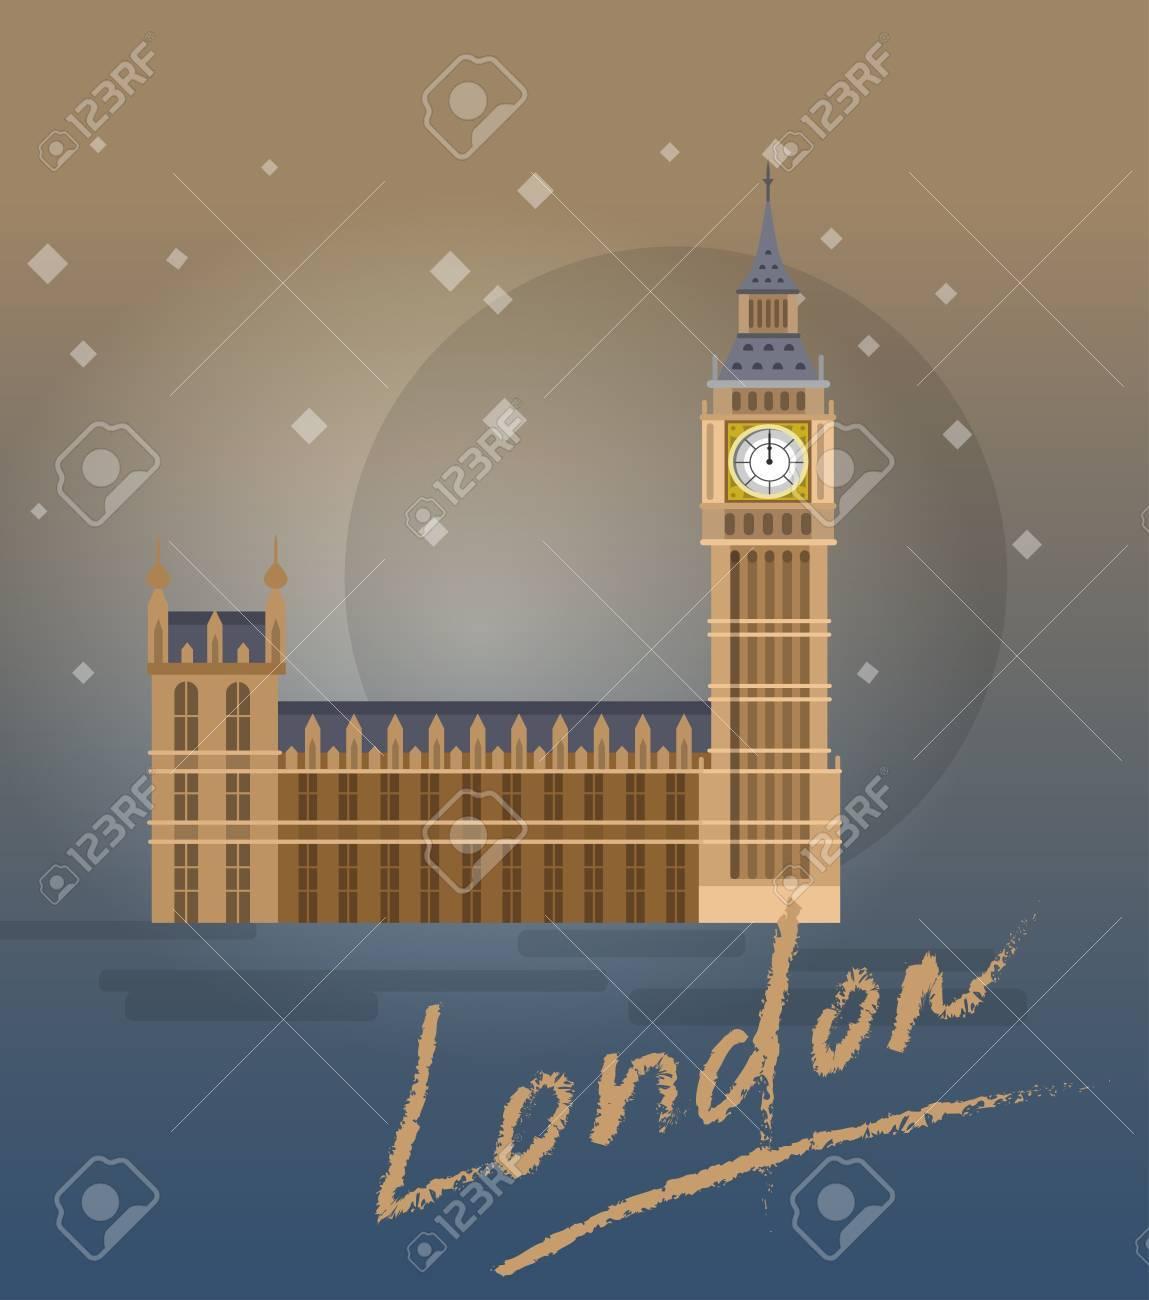 Alta qualità, dettagliata più famoso punto di riferimento mondiale. illustrazione vettoriale del Big Ben, il simbolo di Londra e Regno Unito.